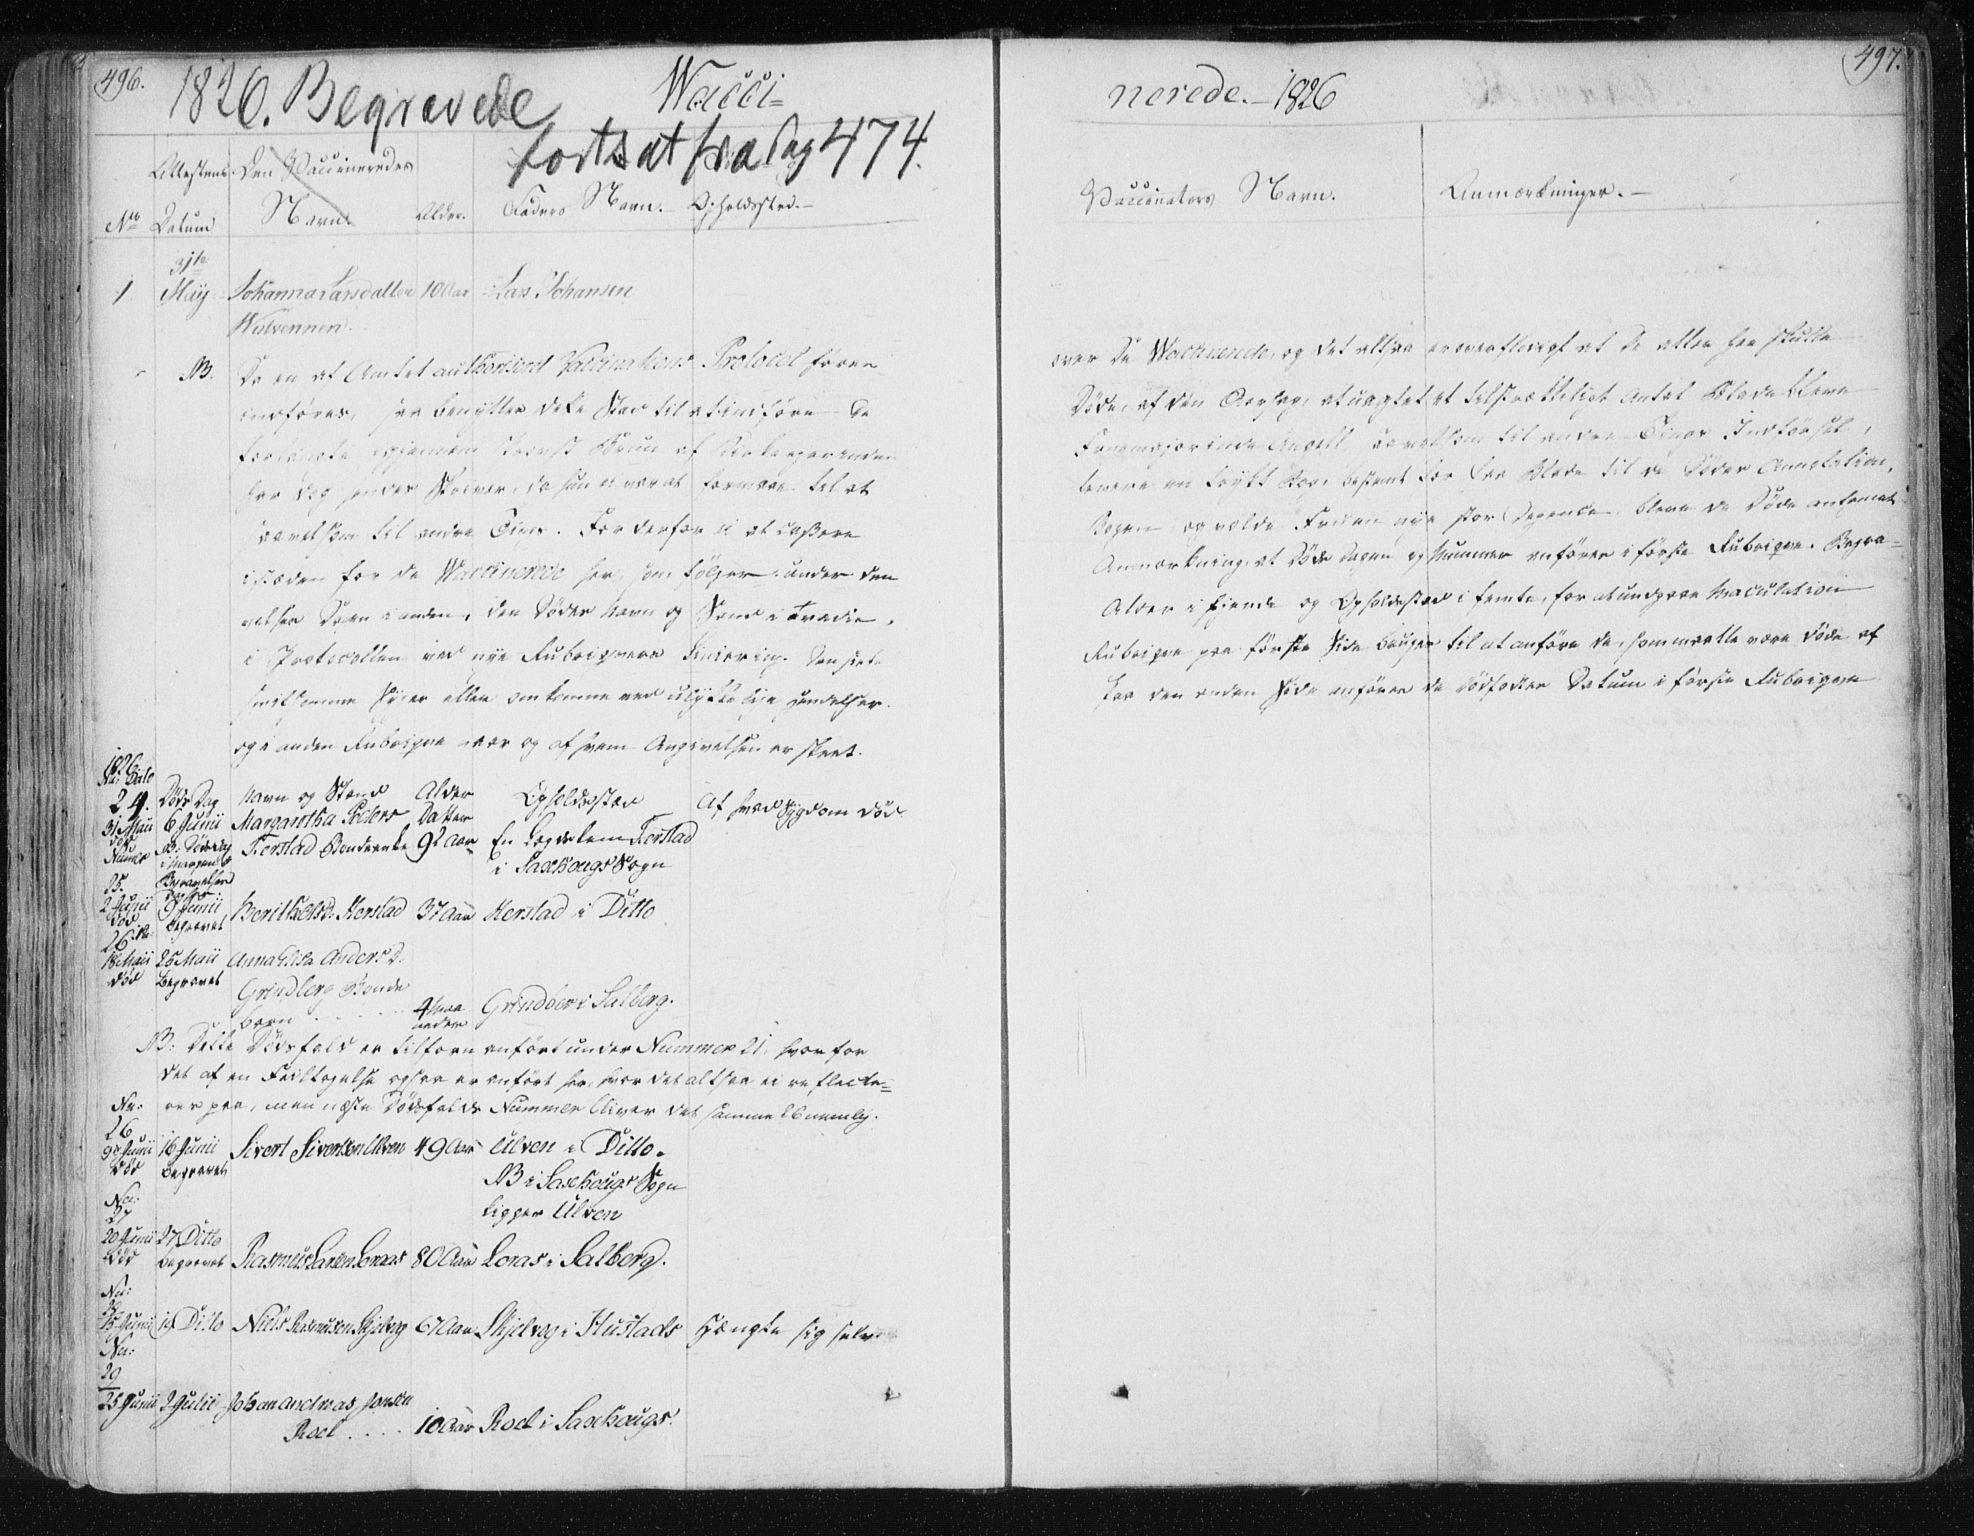 SAT, Ministerialprotokoller, klokkerbøker og fødselsregistre - Nord-Trøndelag, 730/L0276: Ministerialbok nr. 730A05, 1822-1830, s. 496-497